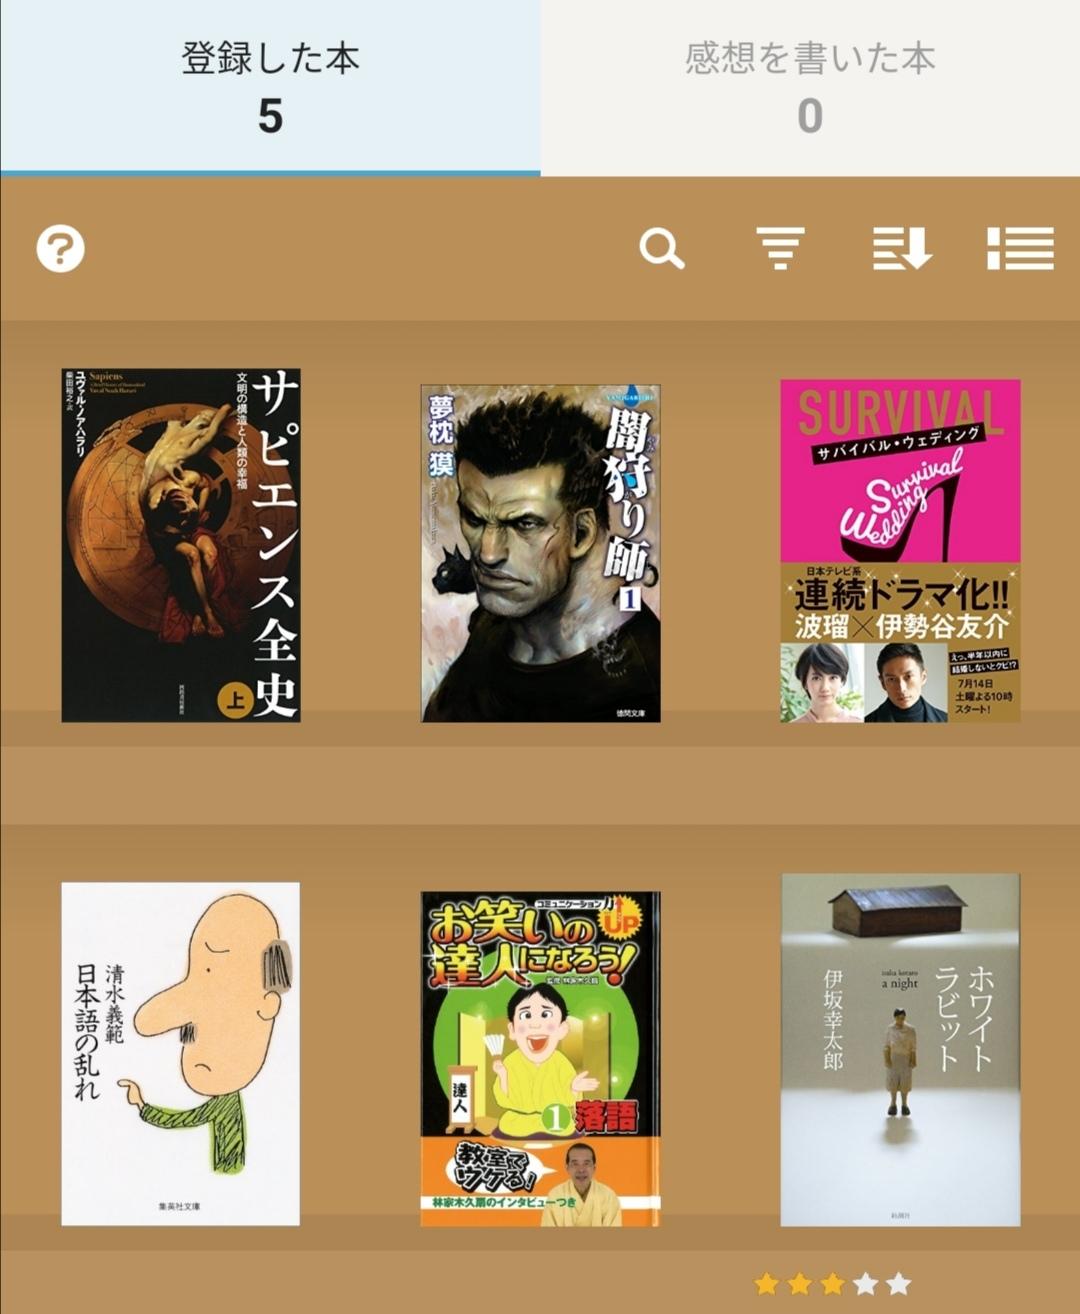 Screenshot_20200421_160017.jpg